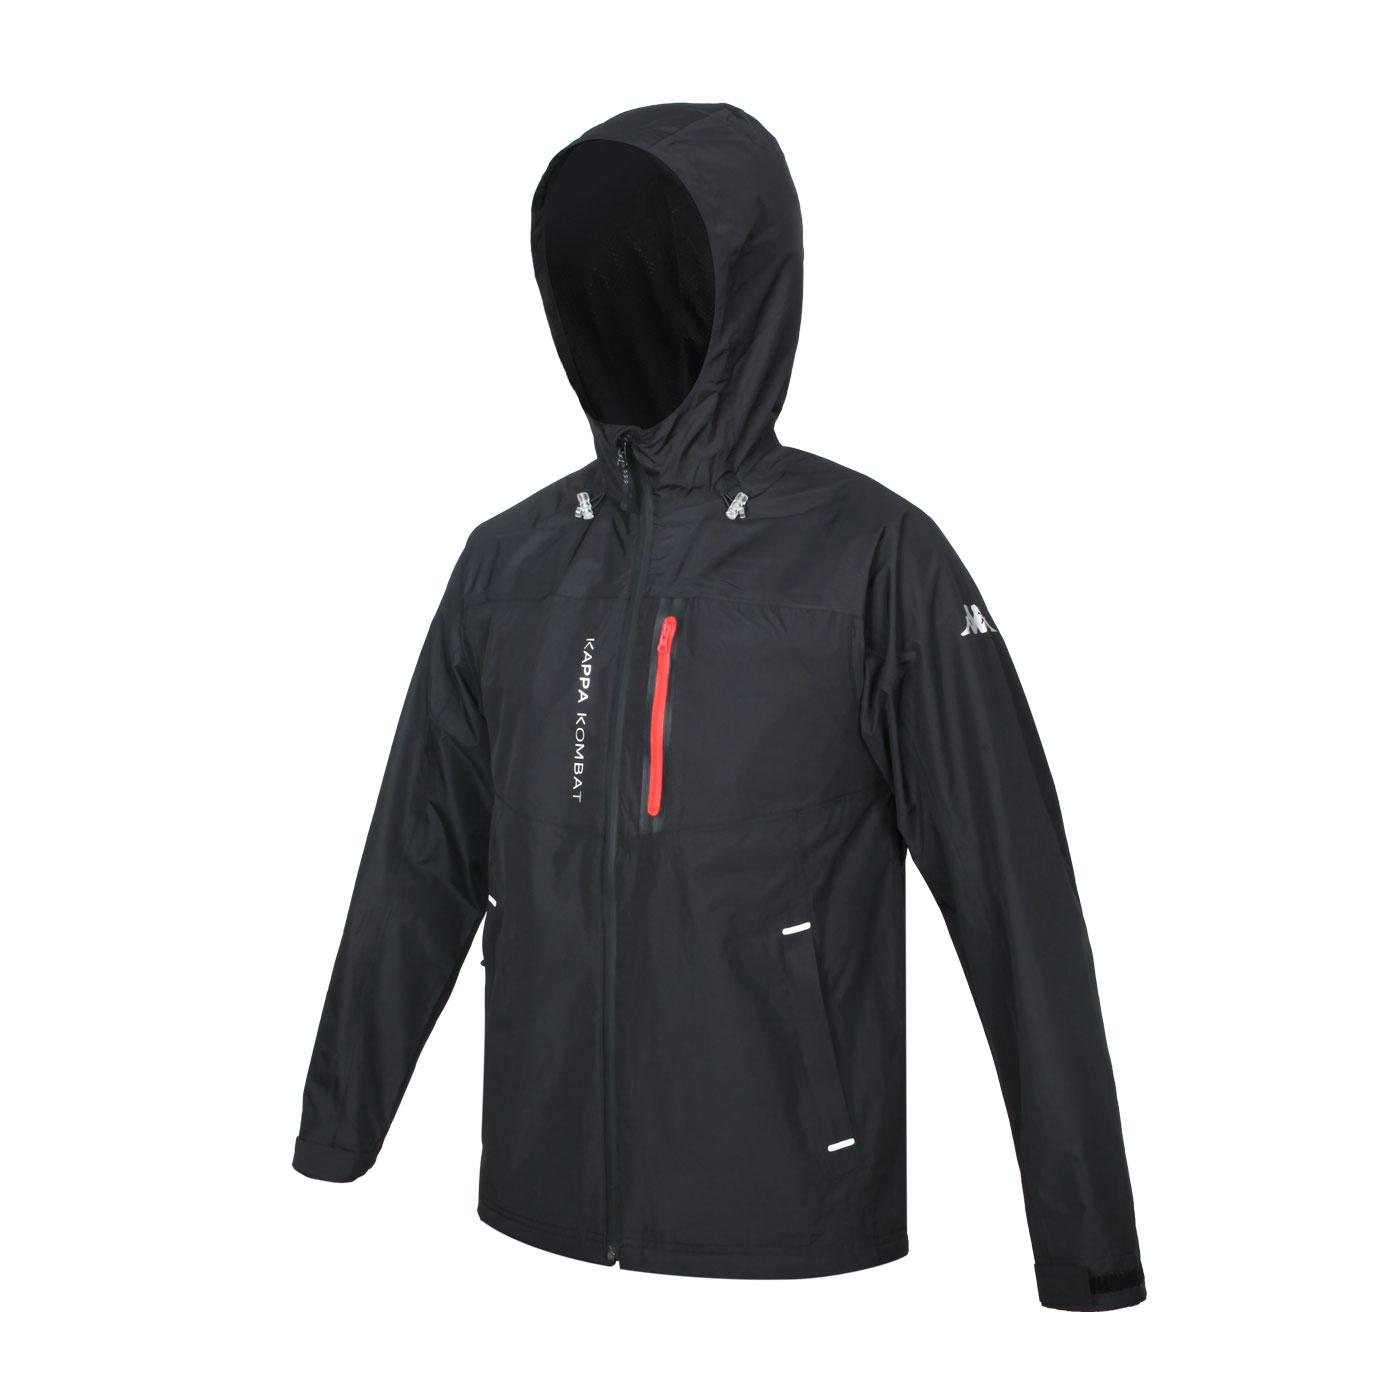 KAPPA 男款防水貼條外套+網裡 37172UW-005 - 黑紅